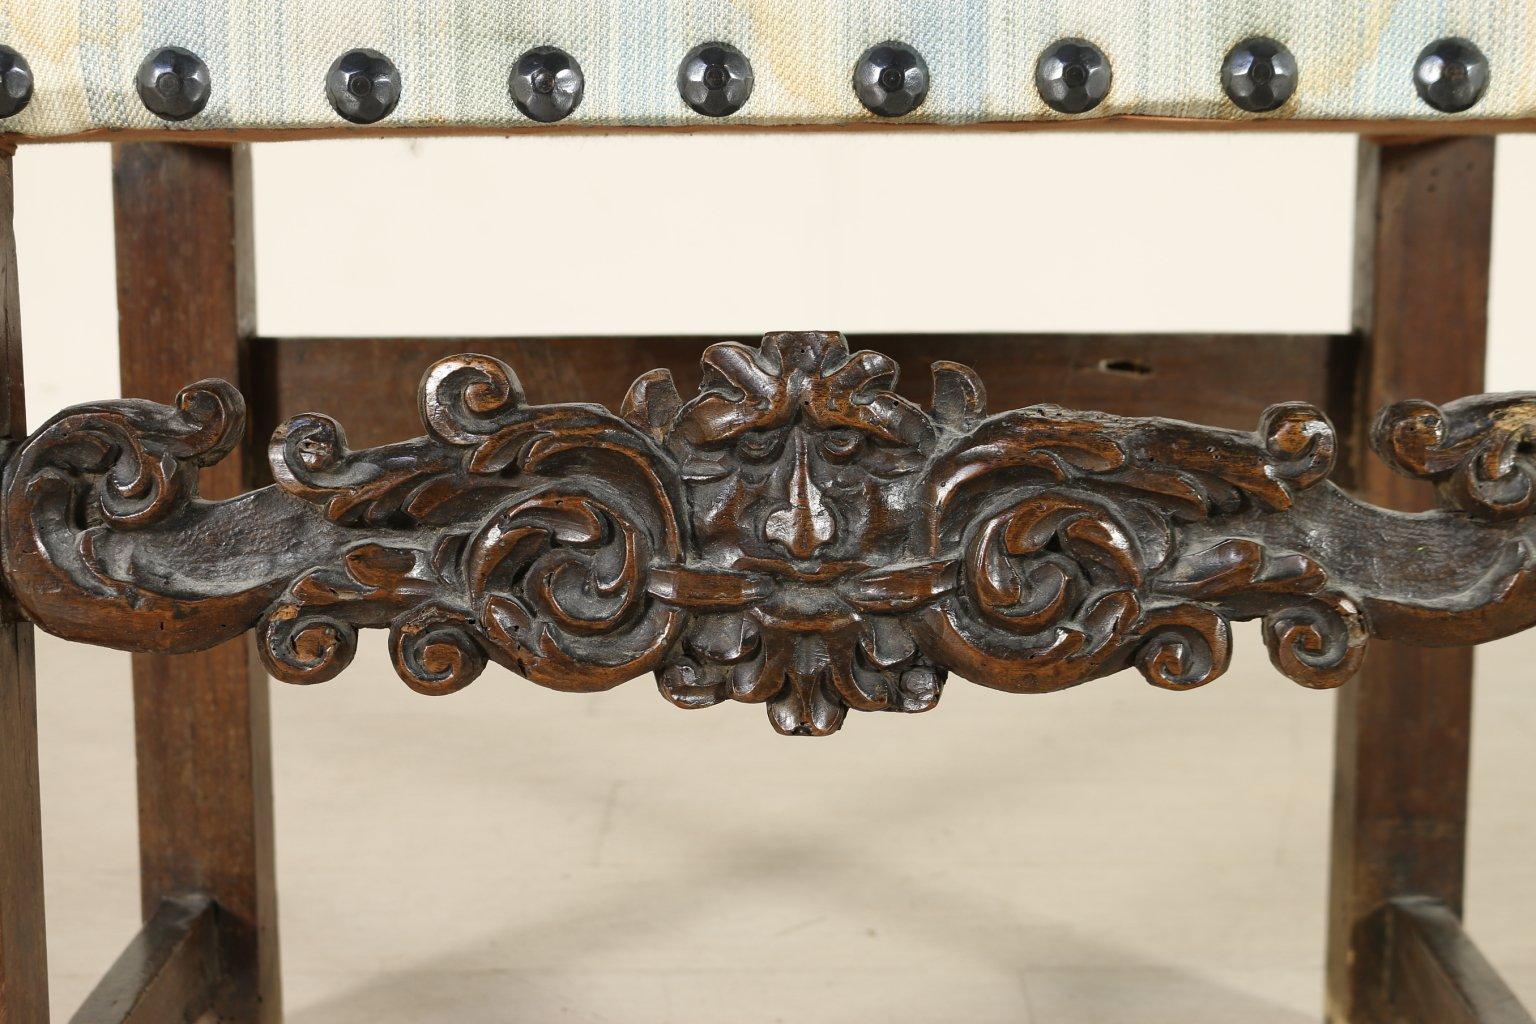 Antique Walnut Chairs Furniture - Antique Walnut Chairs - Best 2000+ Antique Decor Ideas